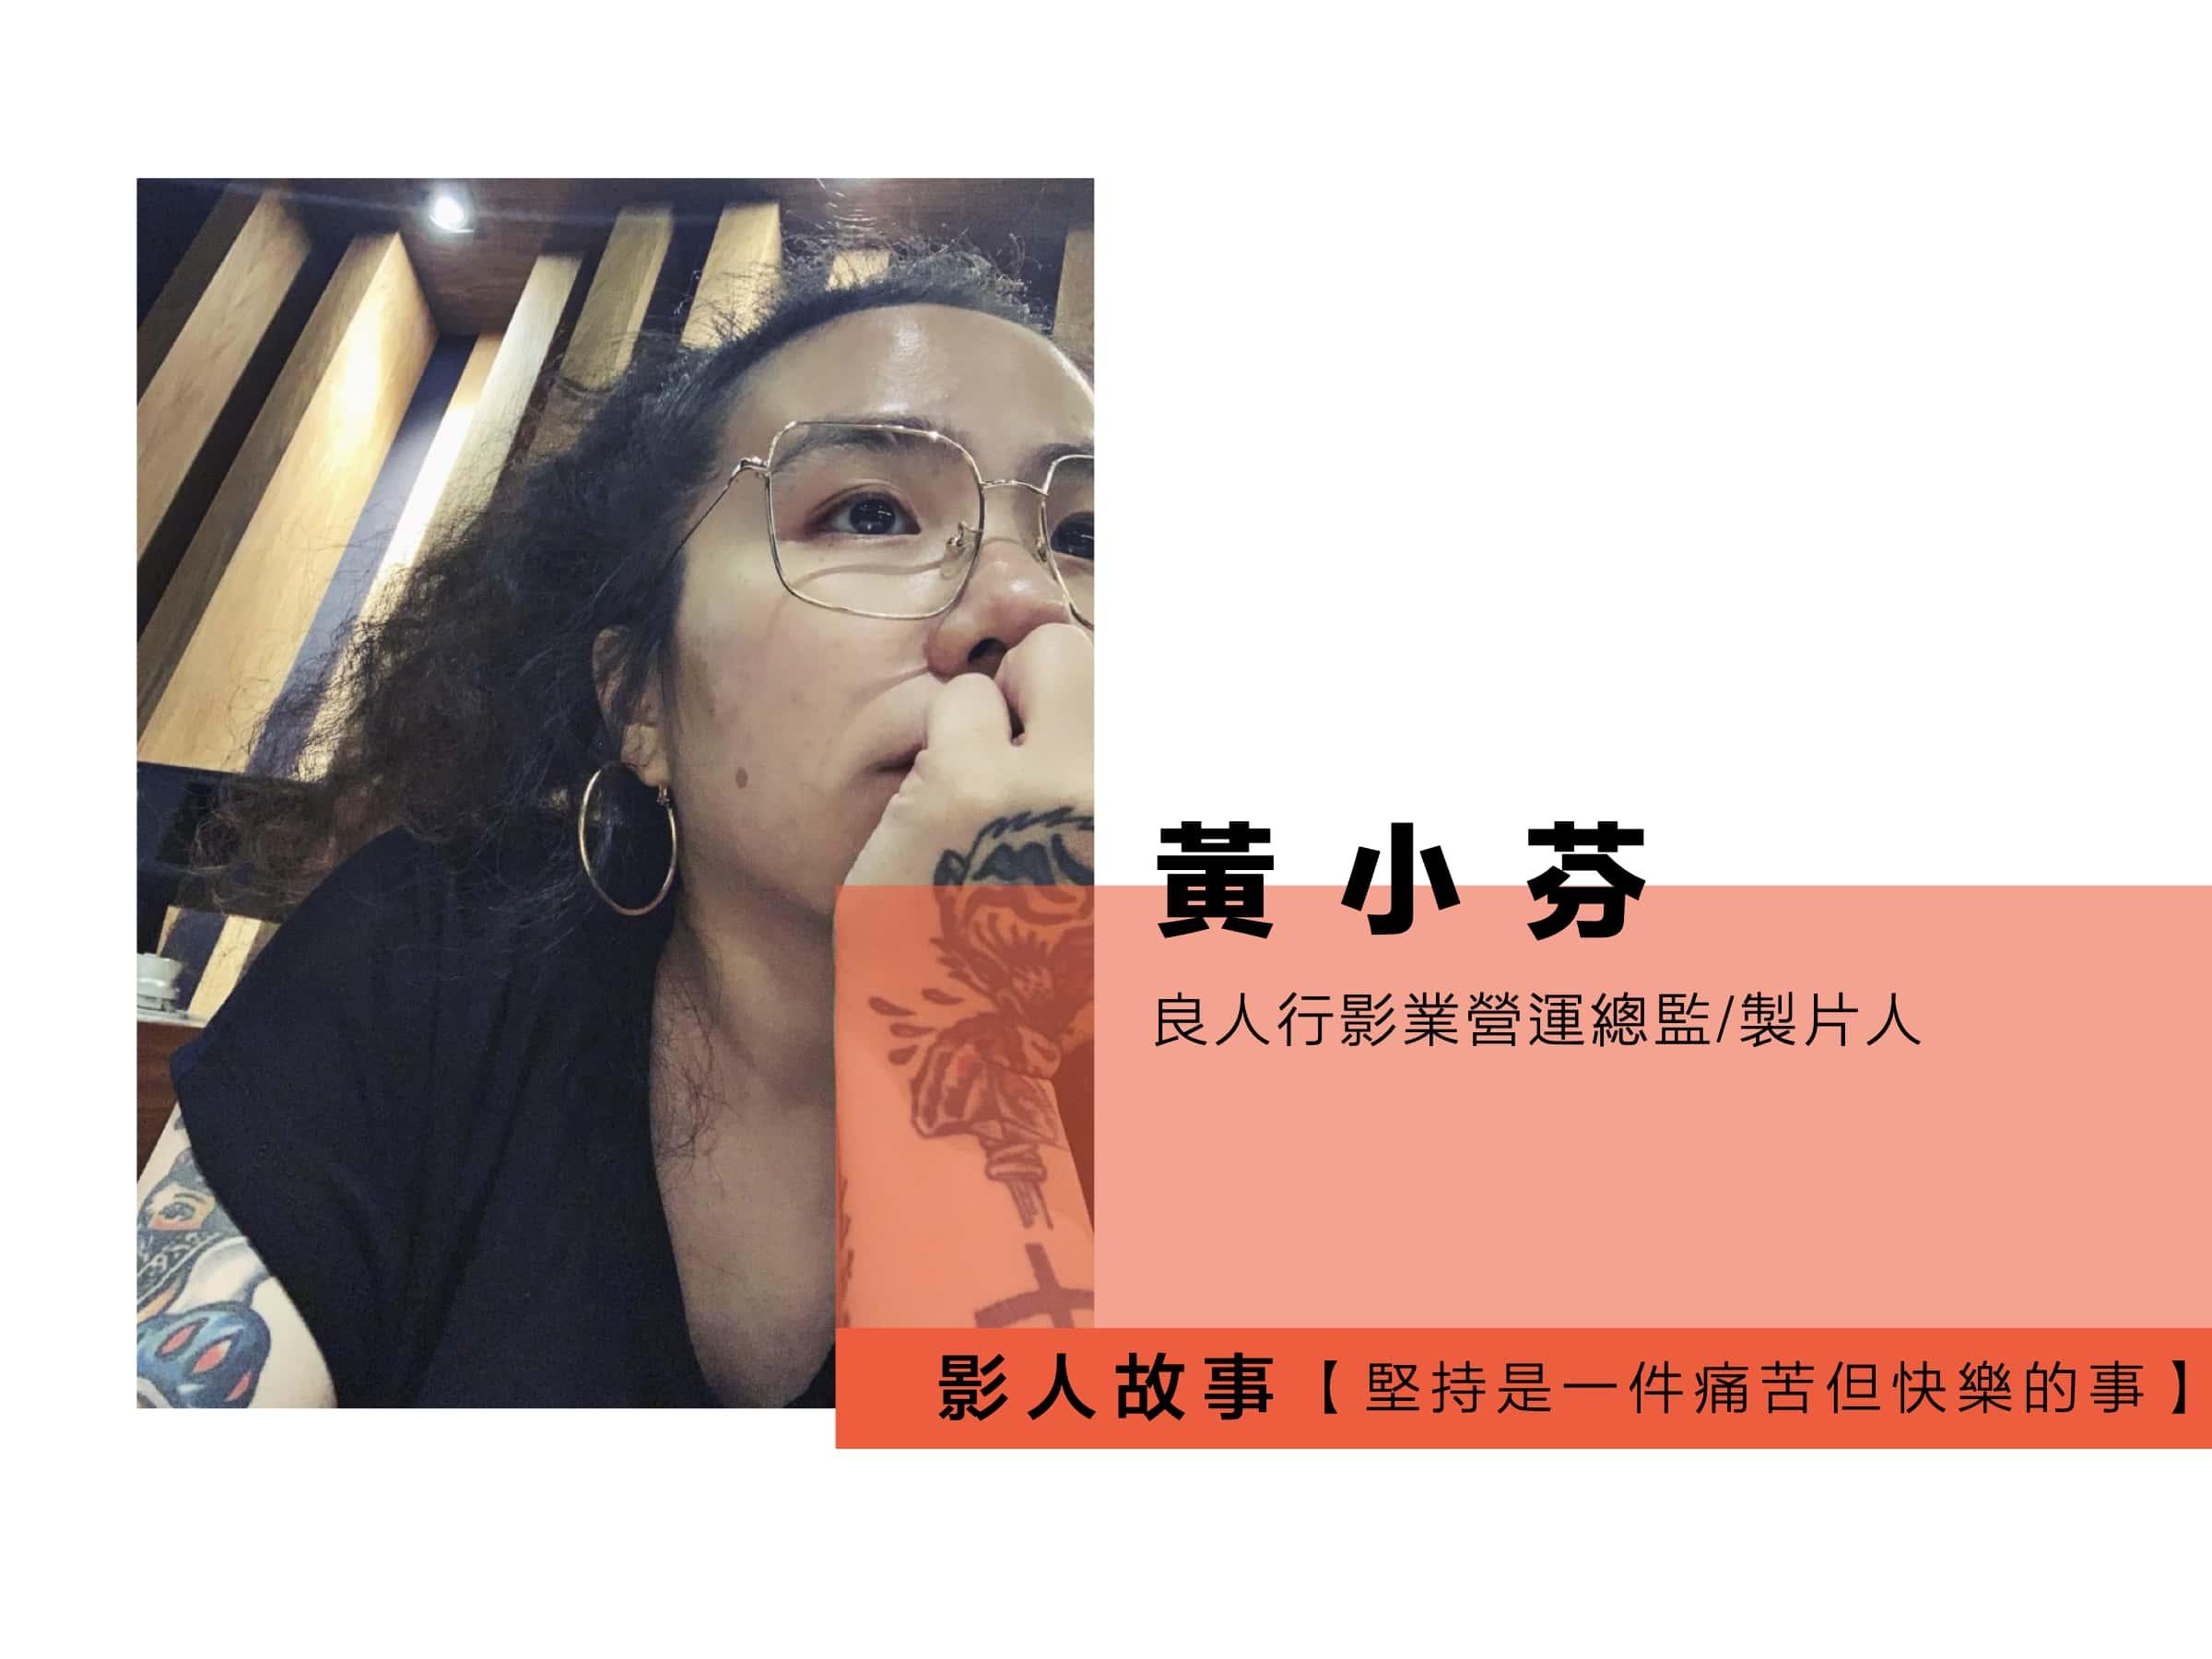 【影人故事 】堅持是一件痛苦但快樂的事-良人行影業營運總監/製片人黃小芬